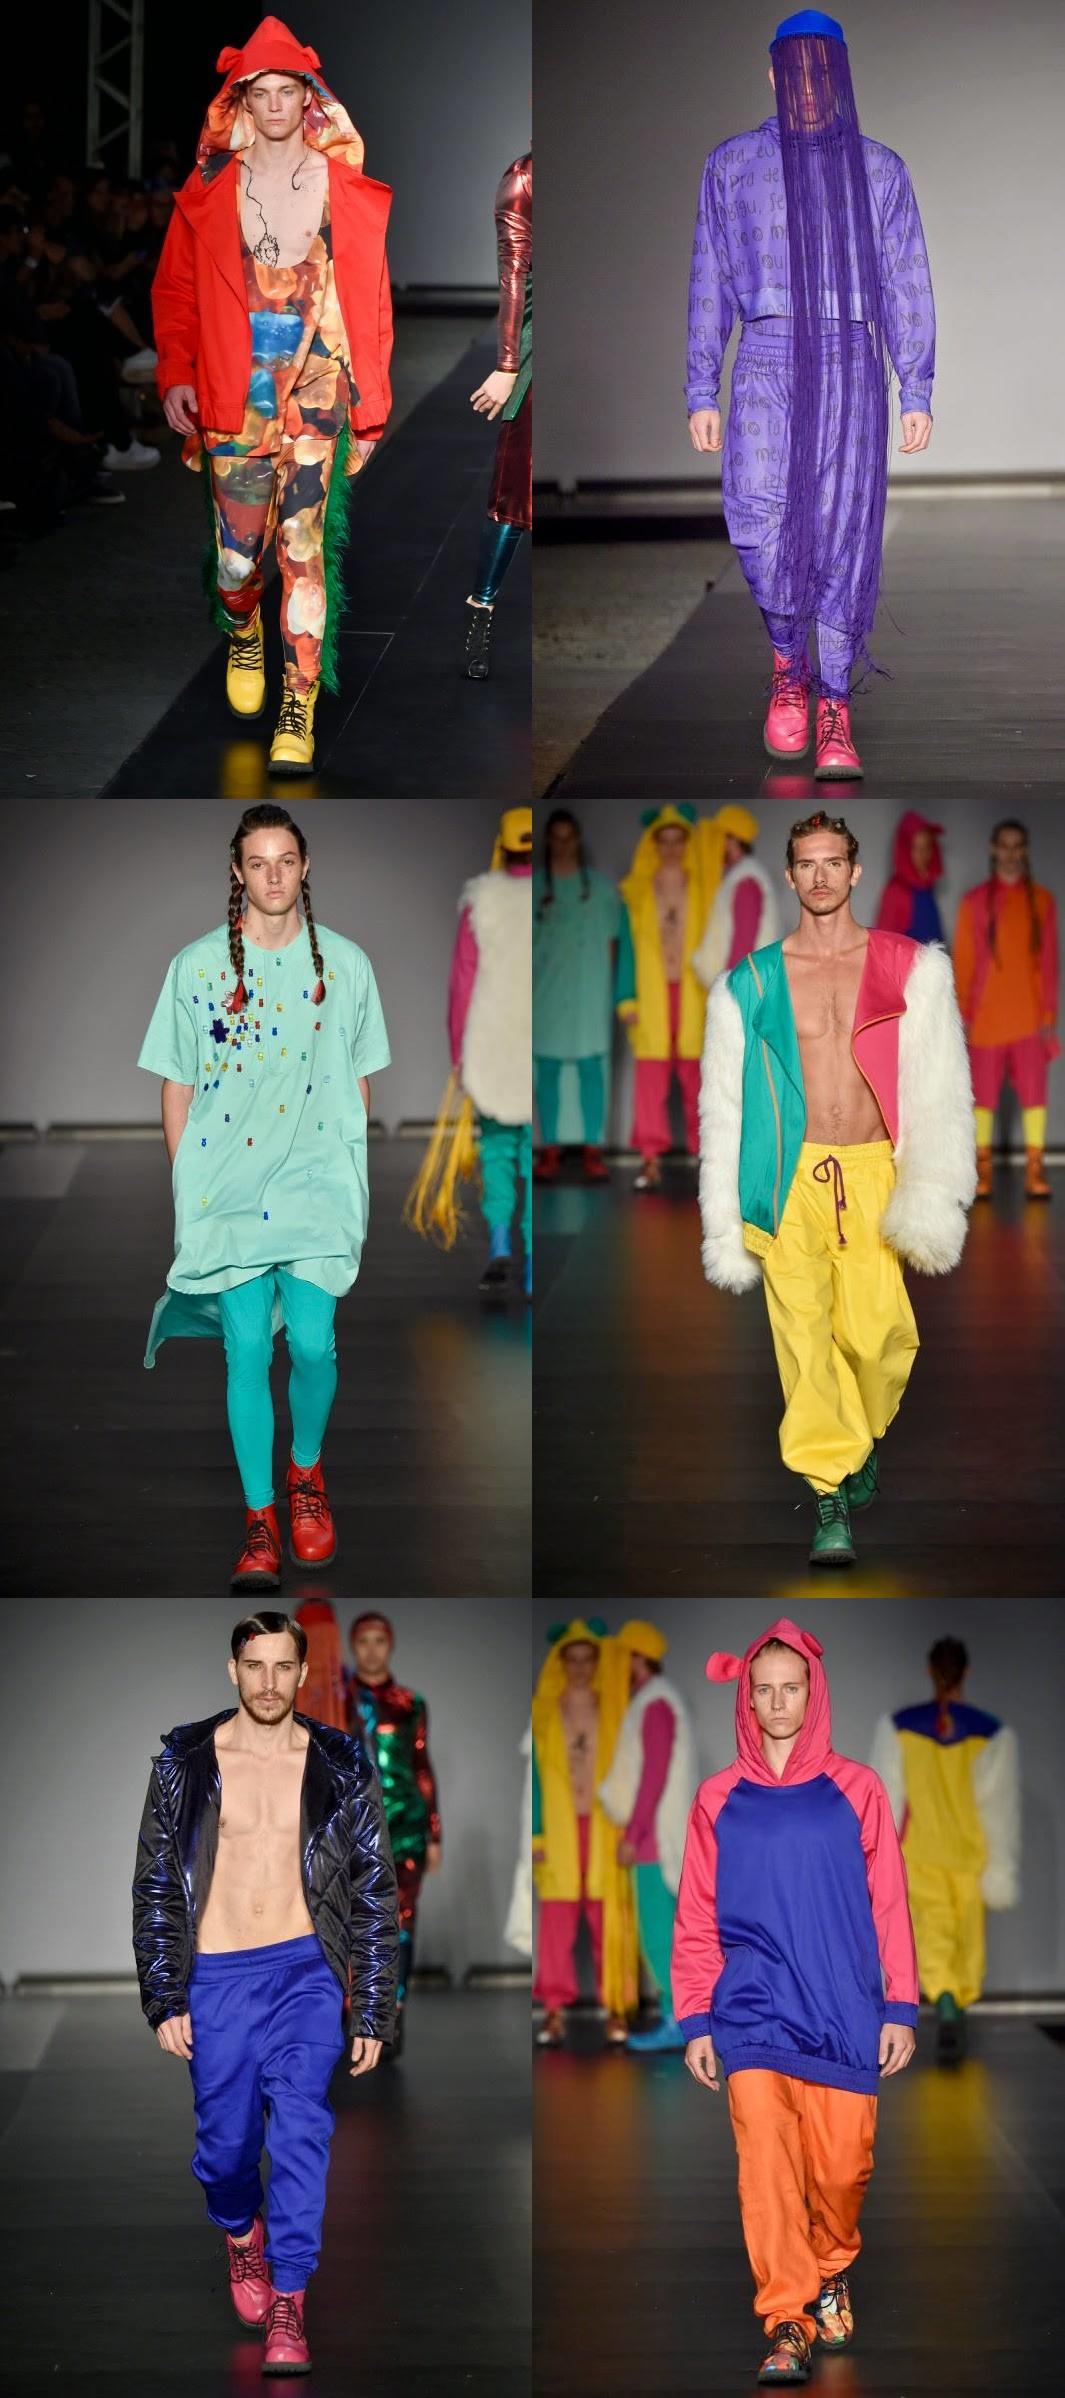 felipe fanaia, inverno 2016, moda masculina, casa de criadores, roupa masculina, estilo masculino, menswear, fashion, fashion blogger, alex cursino, moda sem censura, p1